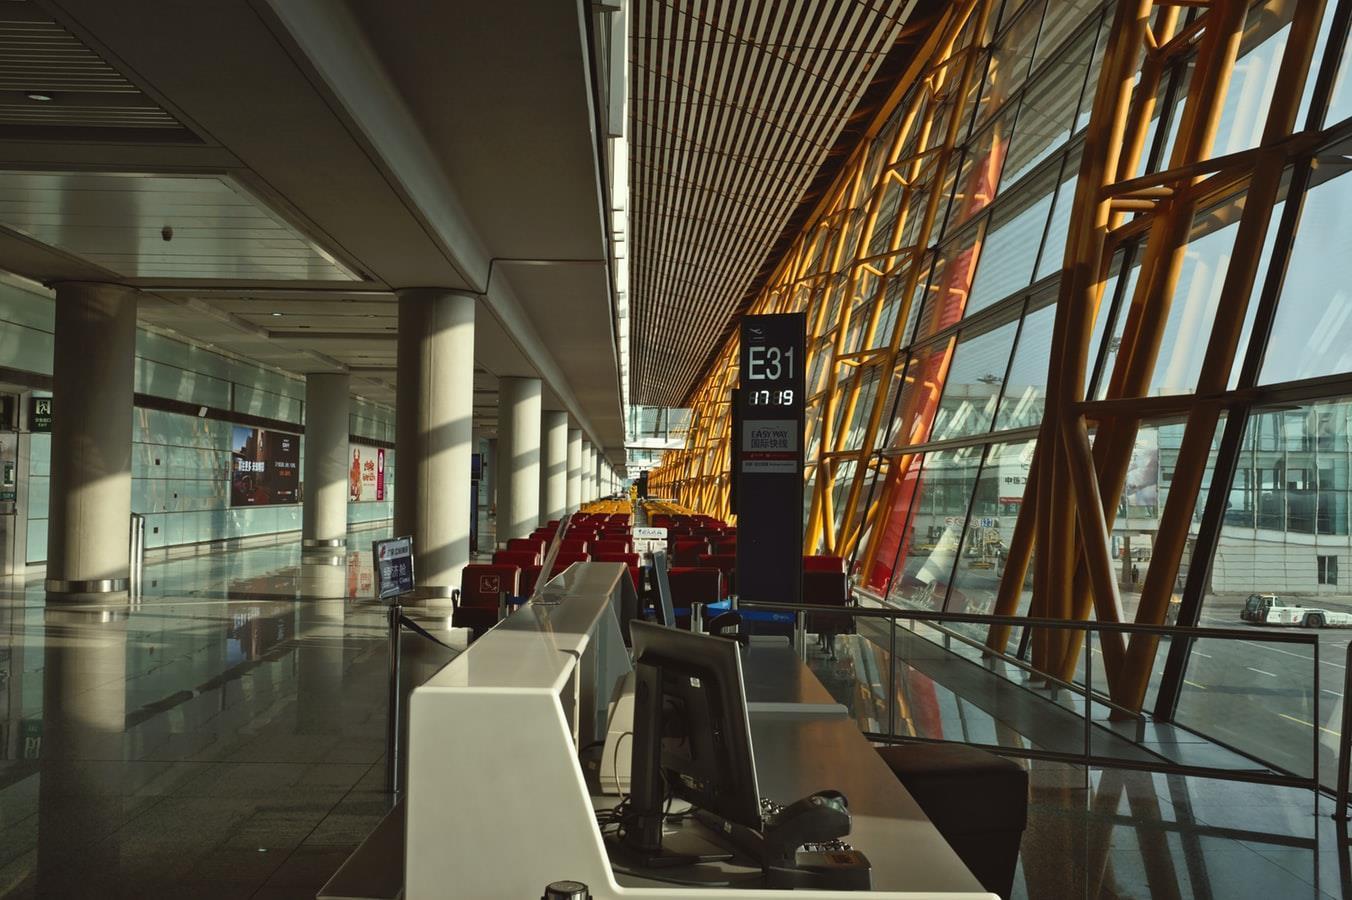 受境外输出病例增加影响,中国民航局宣布更严格的防疫措施